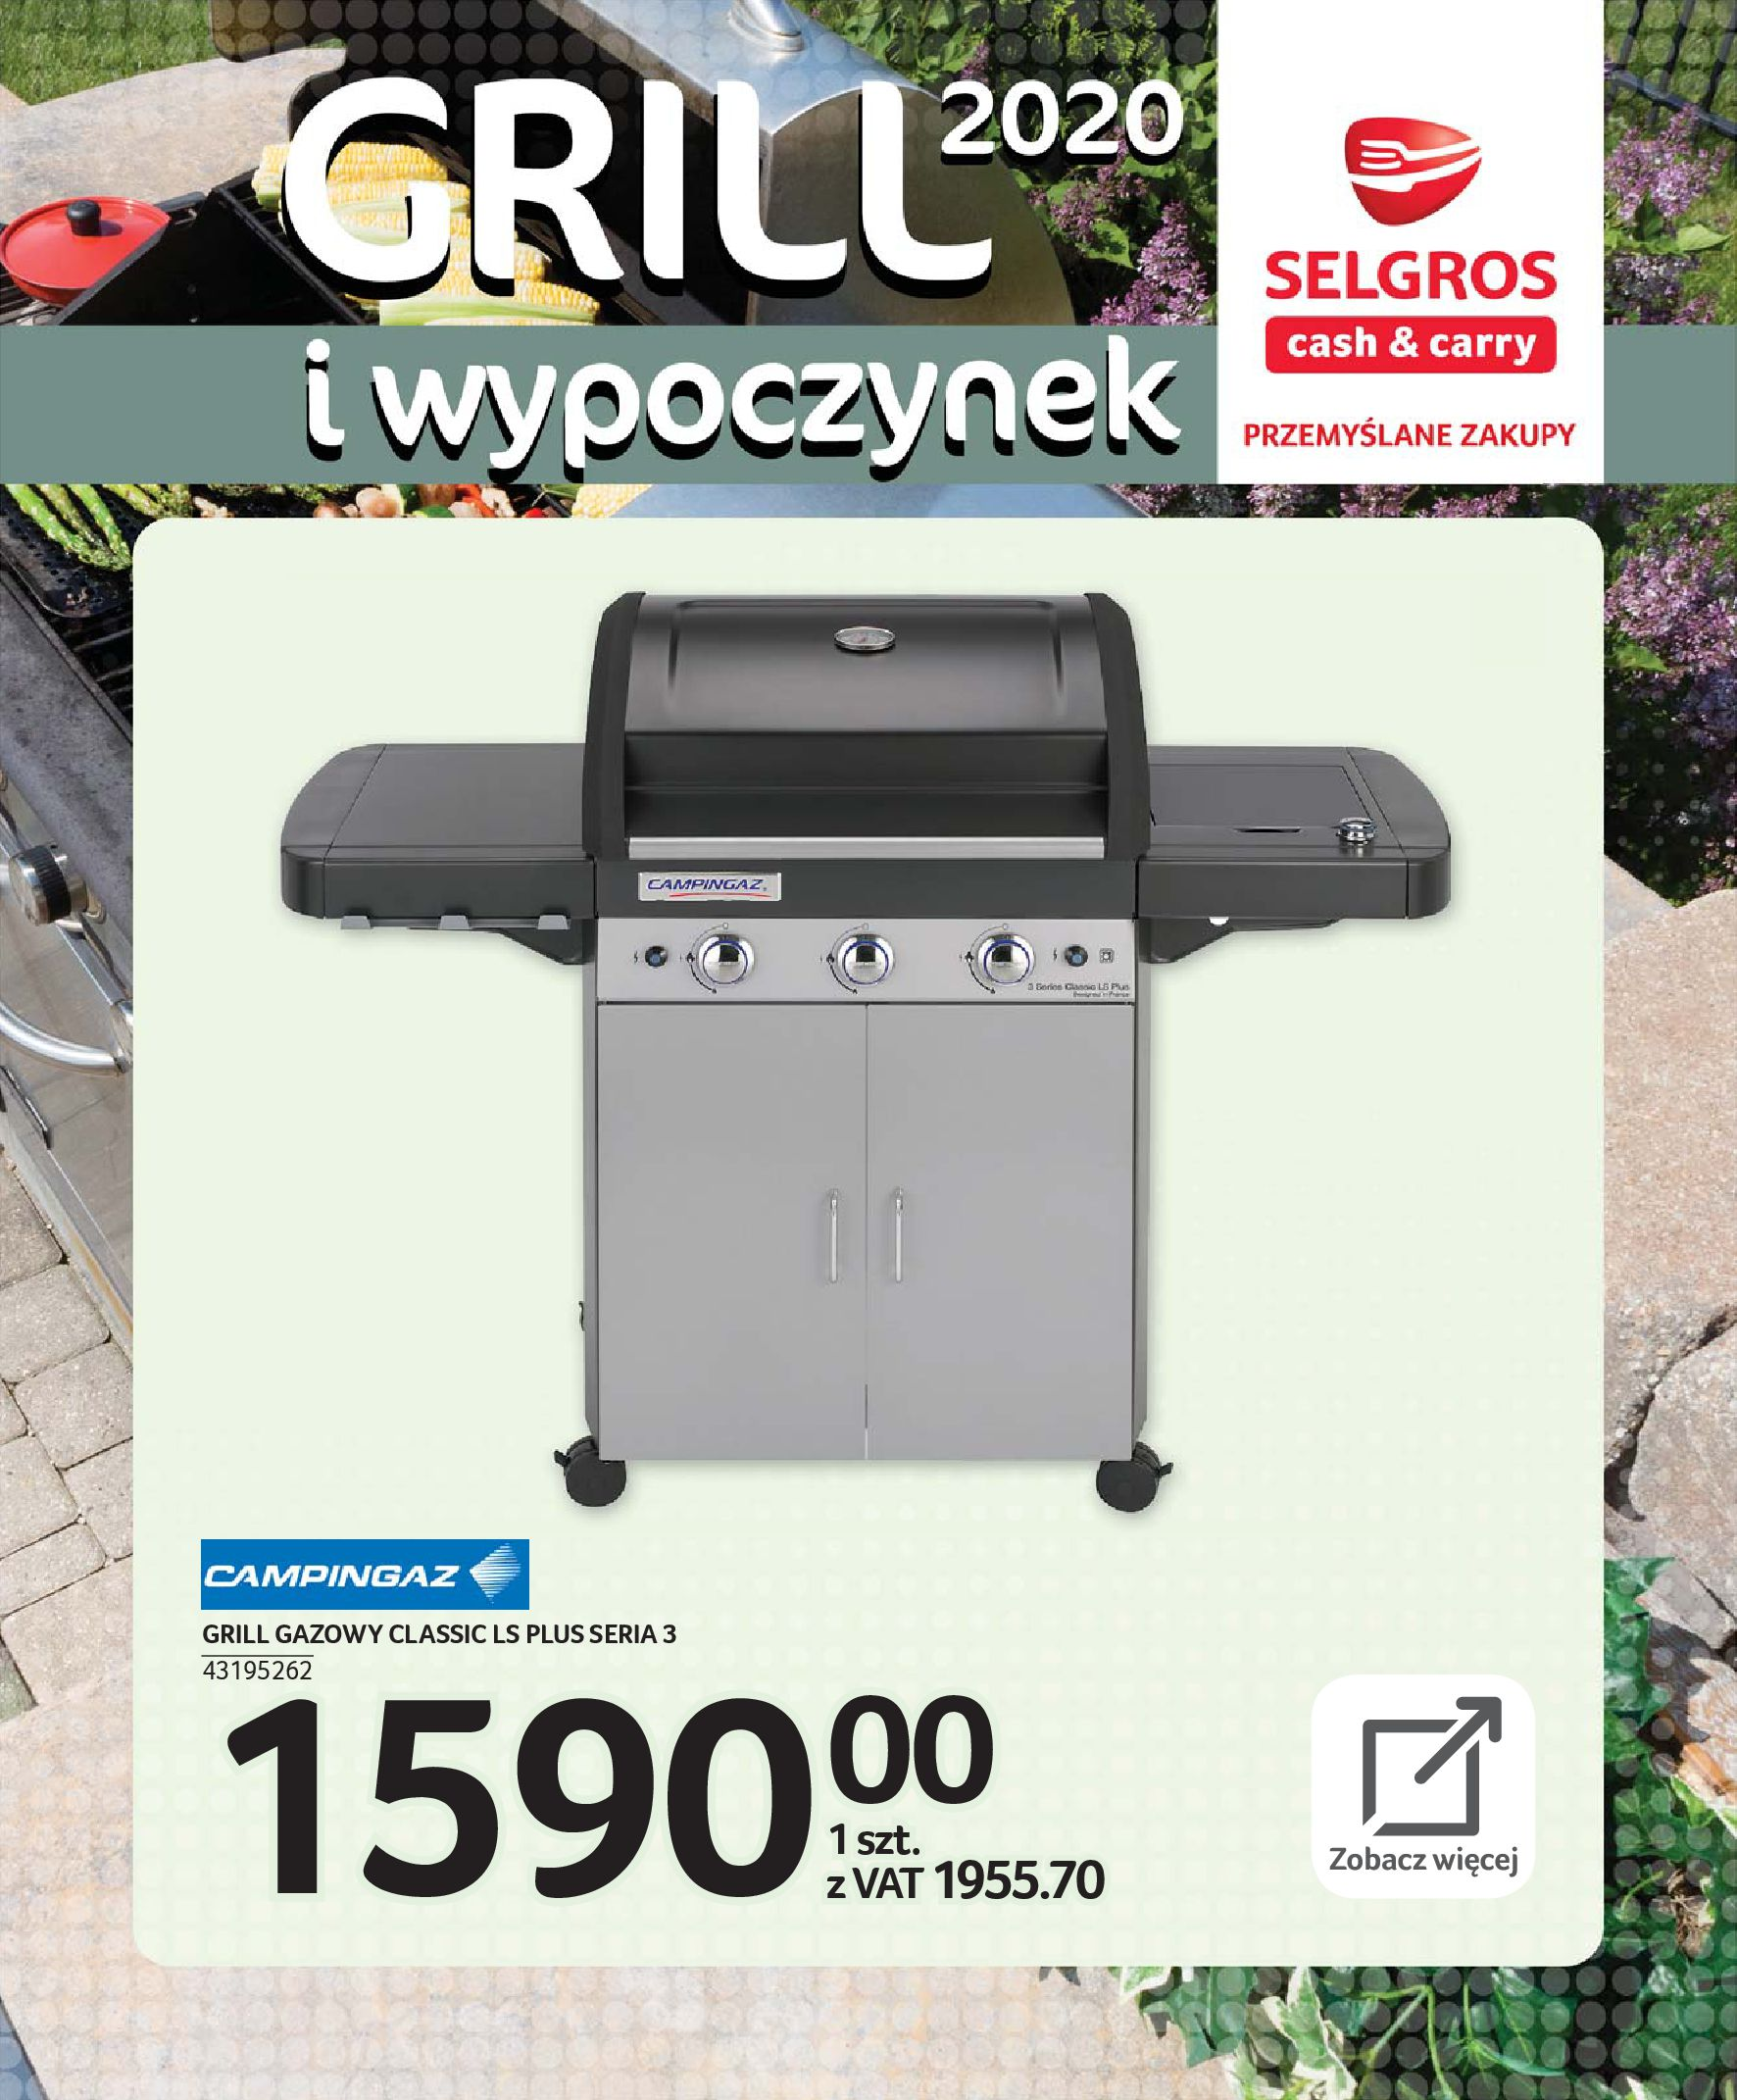 Gazetka Selgros - Katalog - Grill i wypoczynek-31.03.2020-31.08.2020-page-54